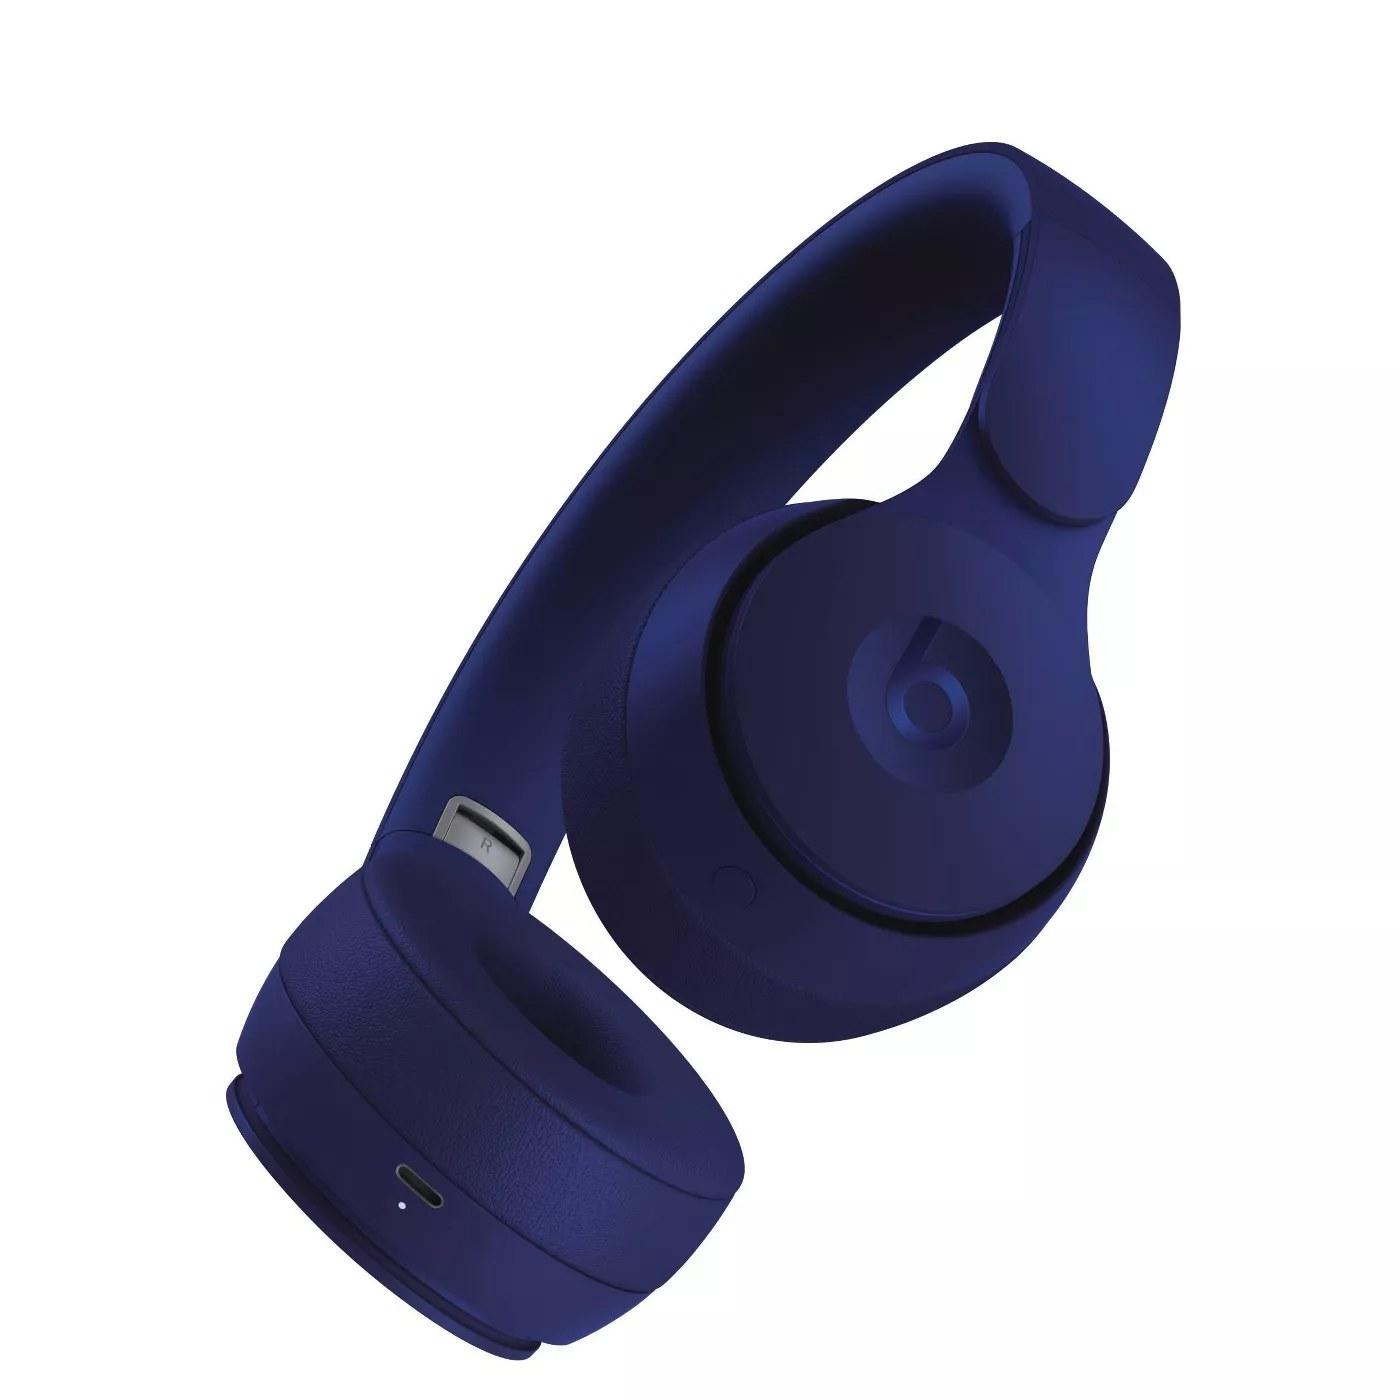 The headphones in navy